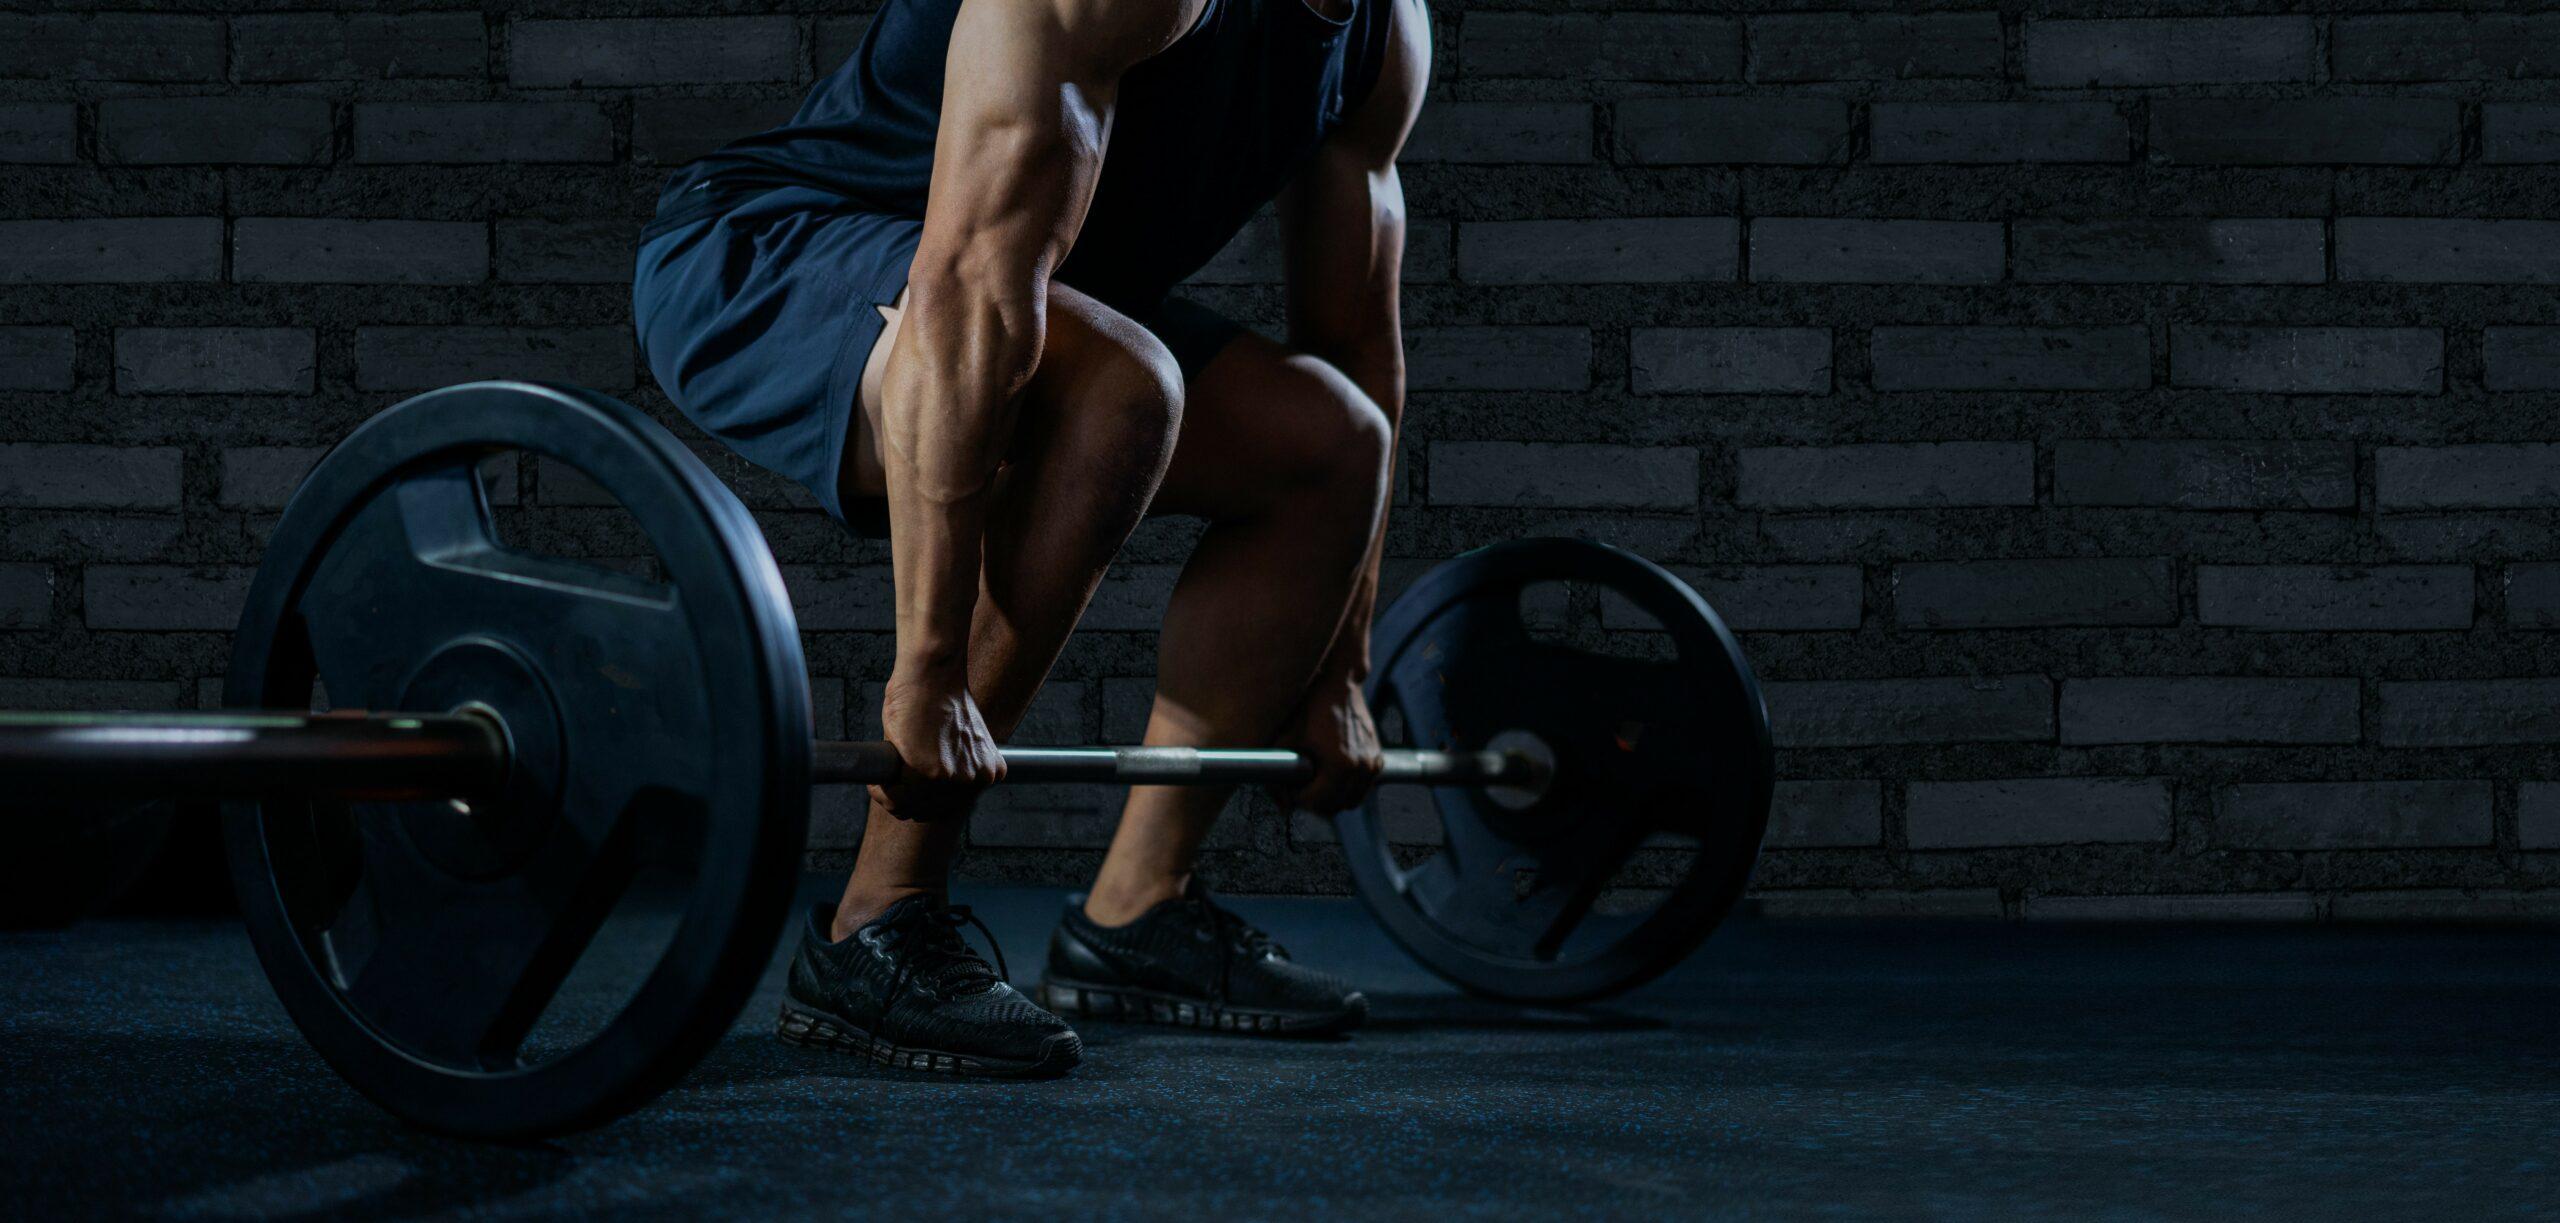 come aumentare la massa muscolare in palestra e ne lbodybuilding